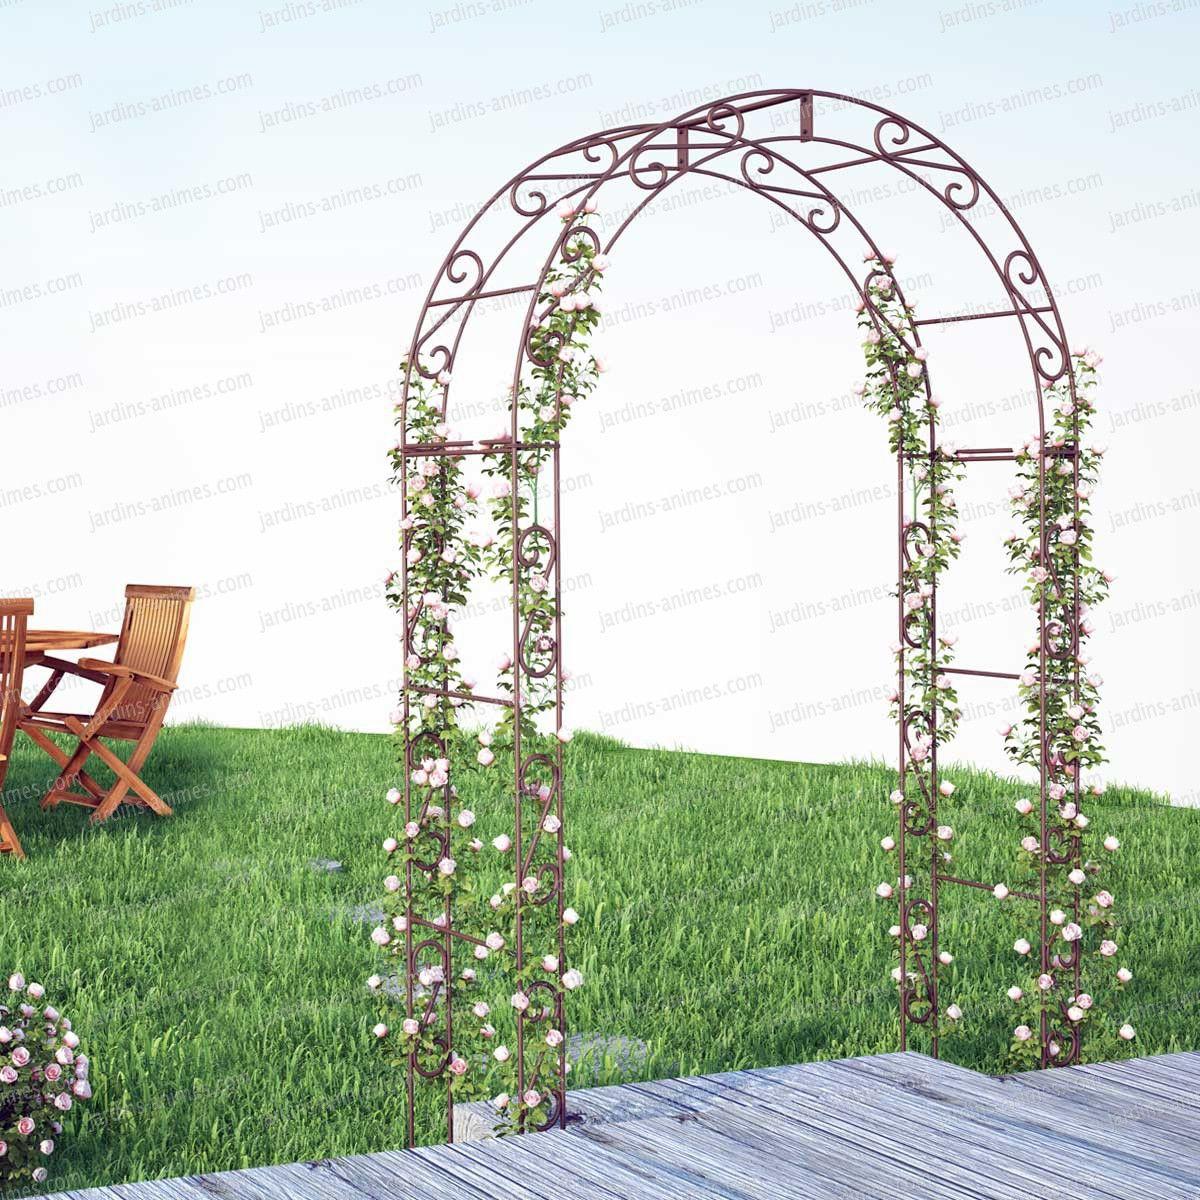 Arche De Jardin Arrondie En Acier Plein | Arche Jardin ... serapportantà Arche En Fer Forgé Pour Jardin